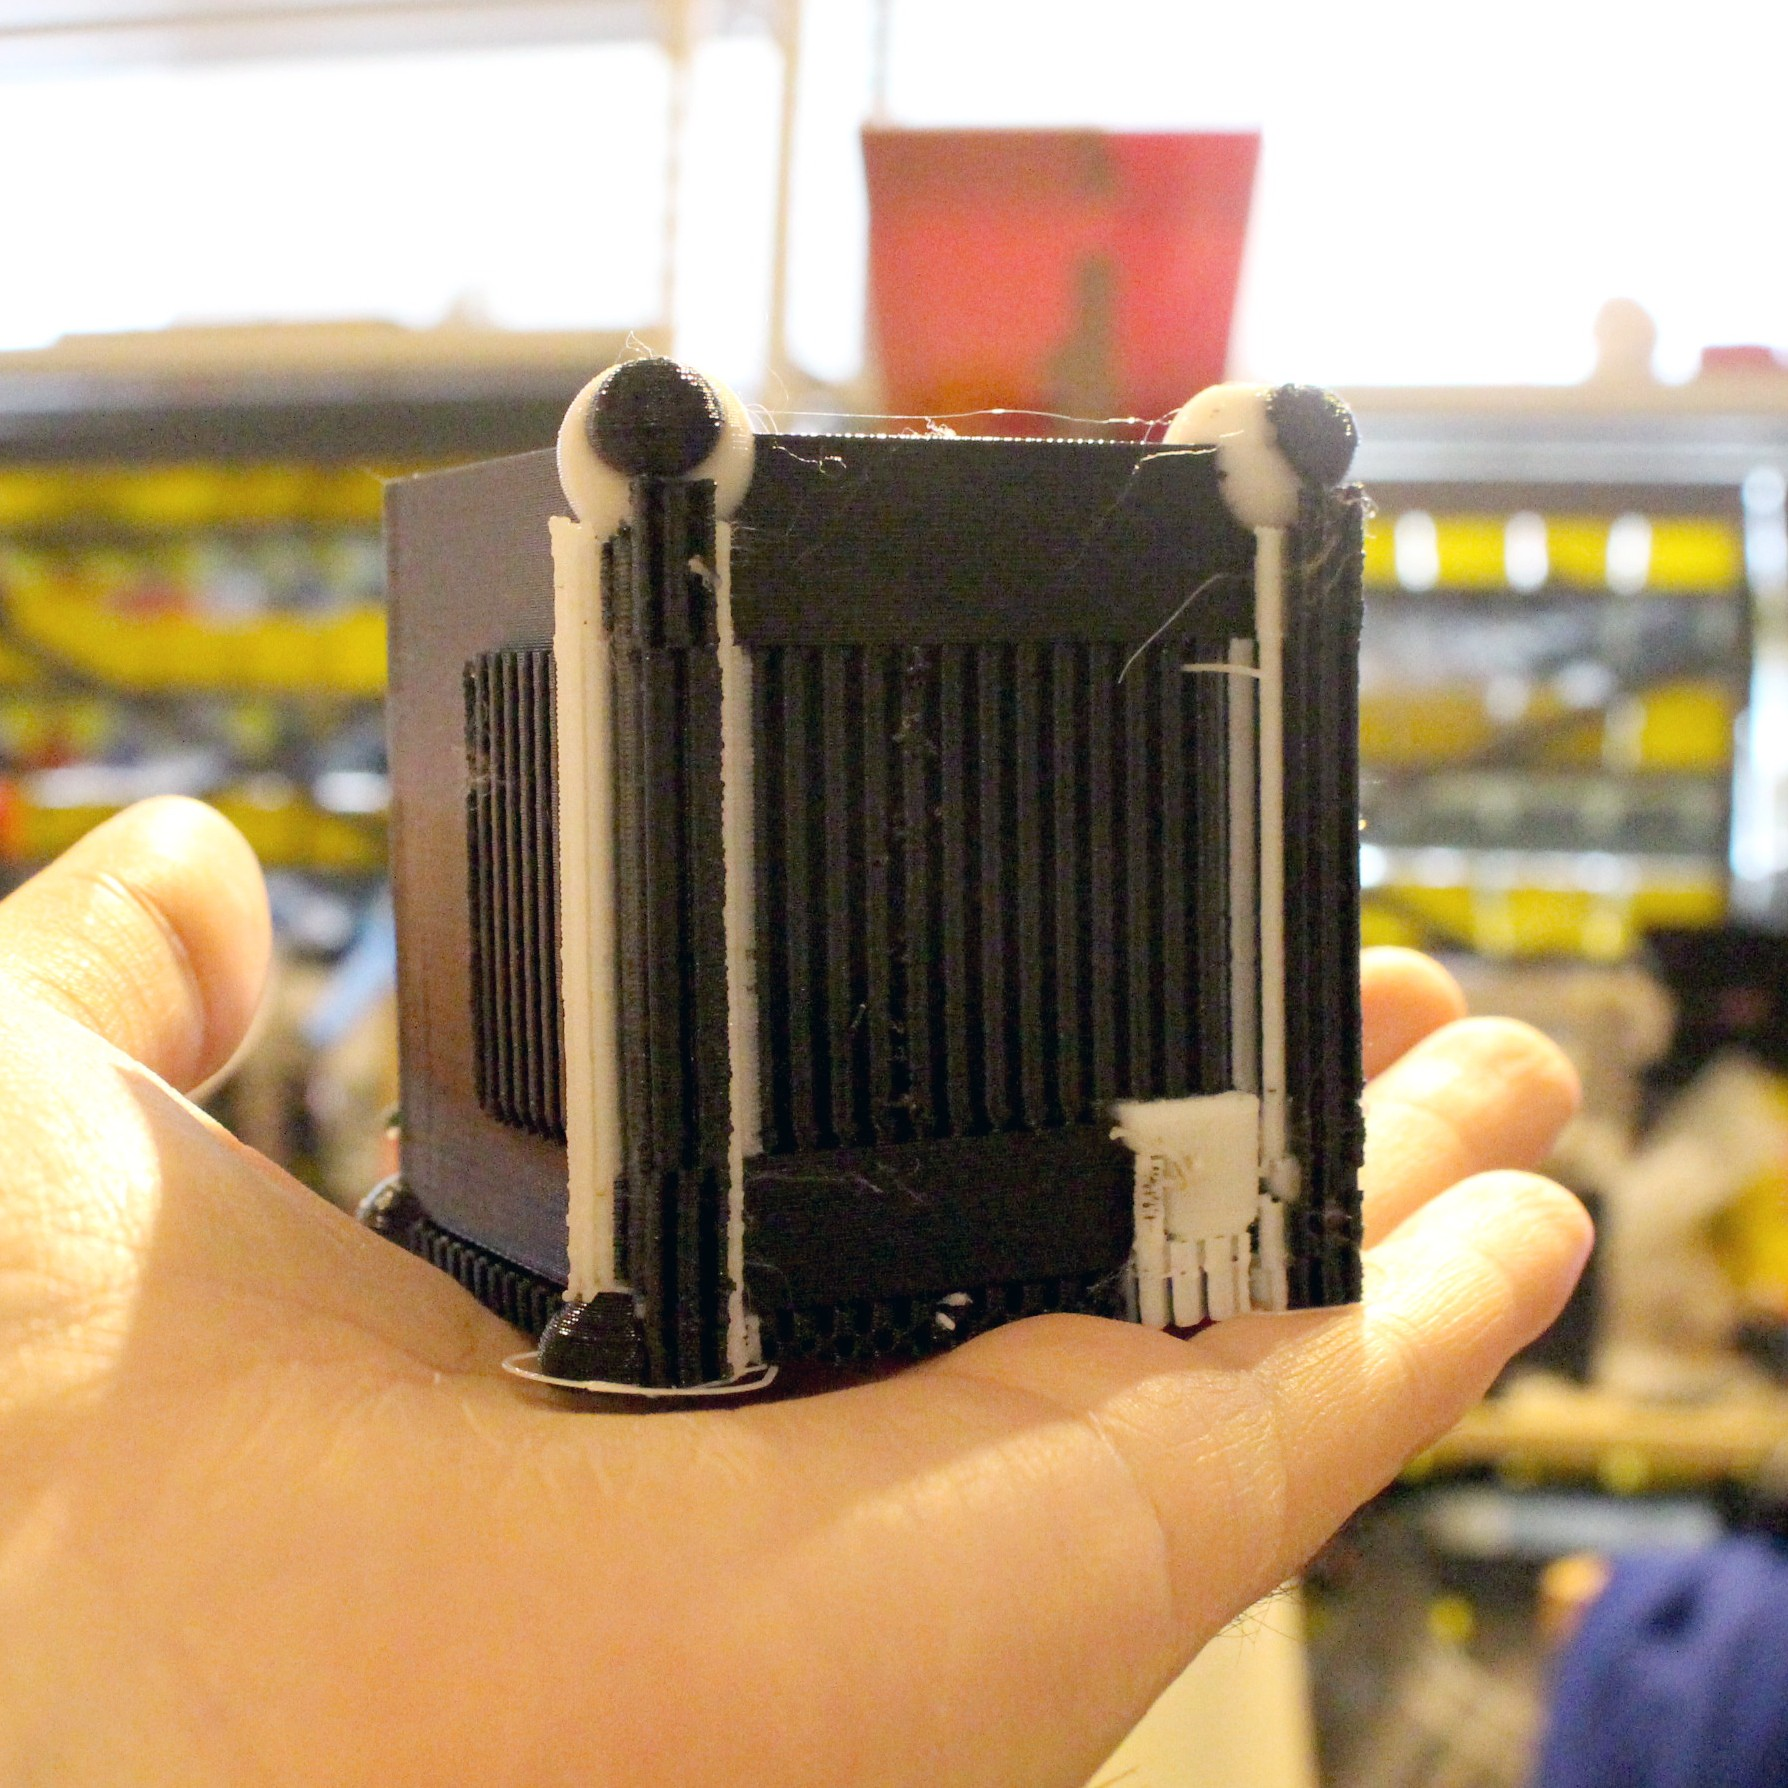 Lepton2デュアル 3Dプリンターが遂にツールスイッチシステムを搭載!